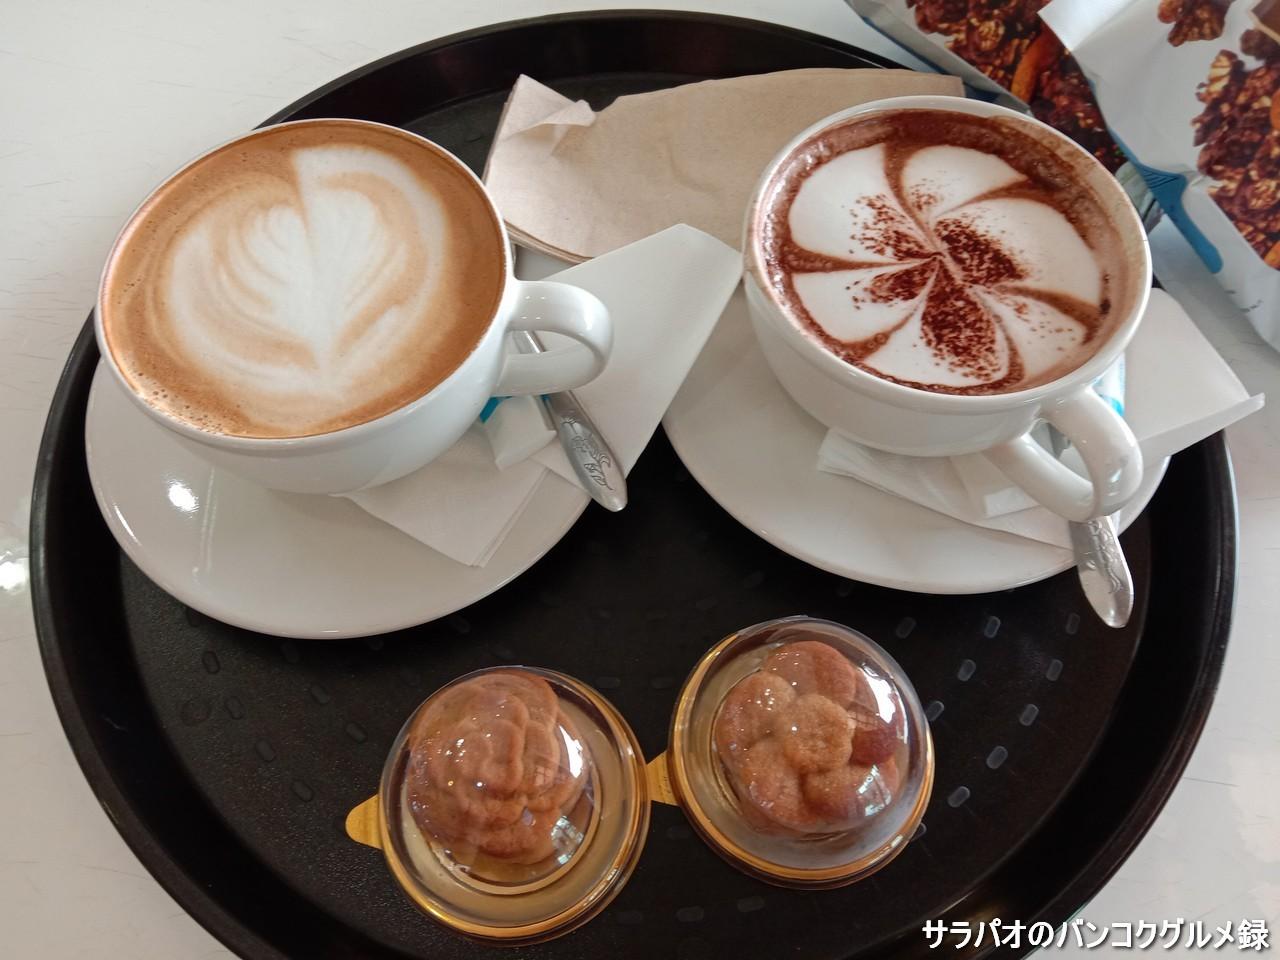 クンサーイチョンはコーヒー、ケーキどちらも美味しいおすすめのカフェ in カンチャナブリ